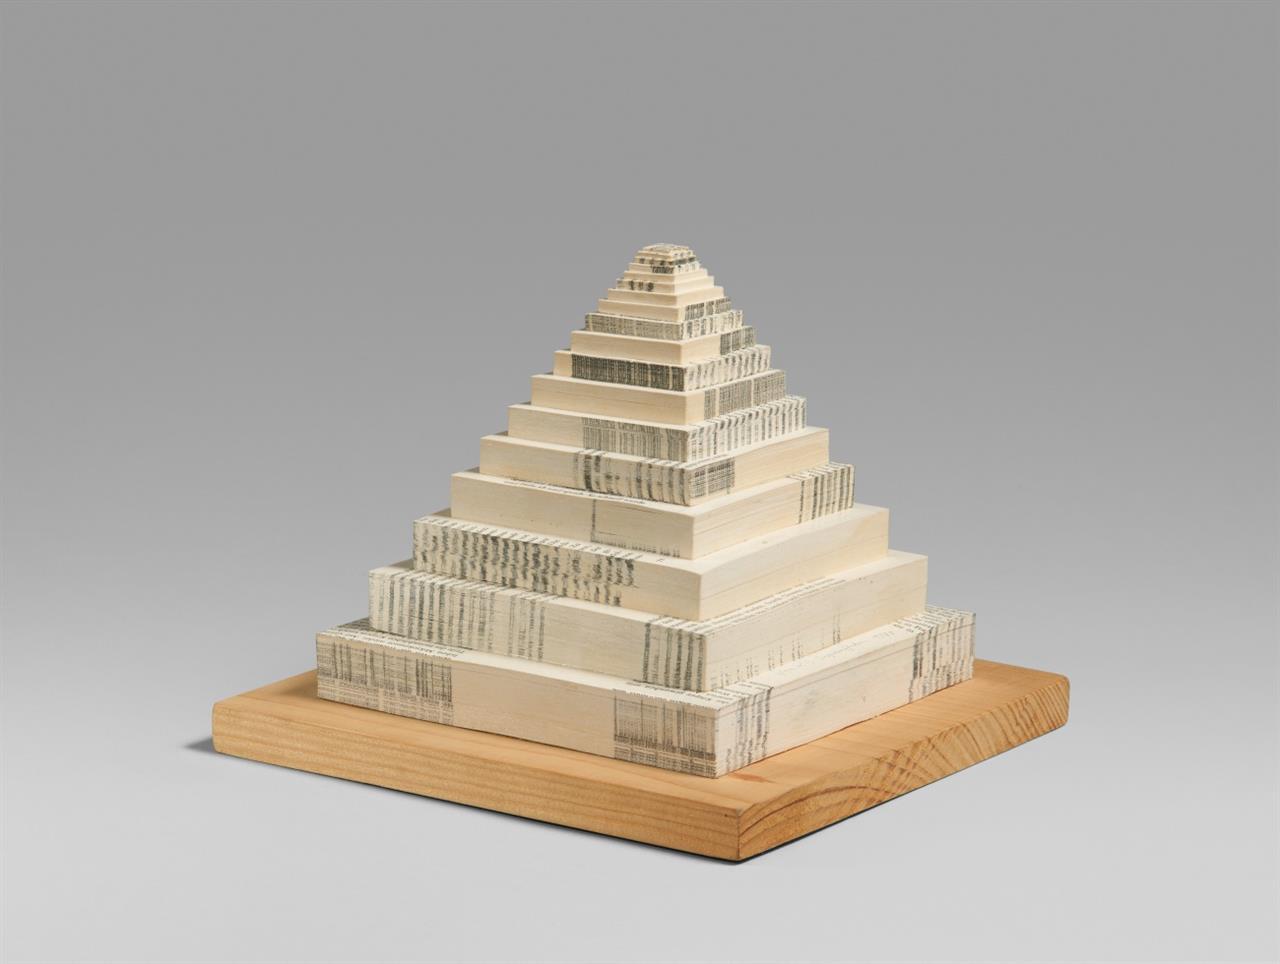 Konrad Balder Schäuffelen. Pyramide. 1980. Bedrucktes Papier, stufenförmig aufeinander geklebt, auf Holzsockel. Signiert. Ex. 2/5.